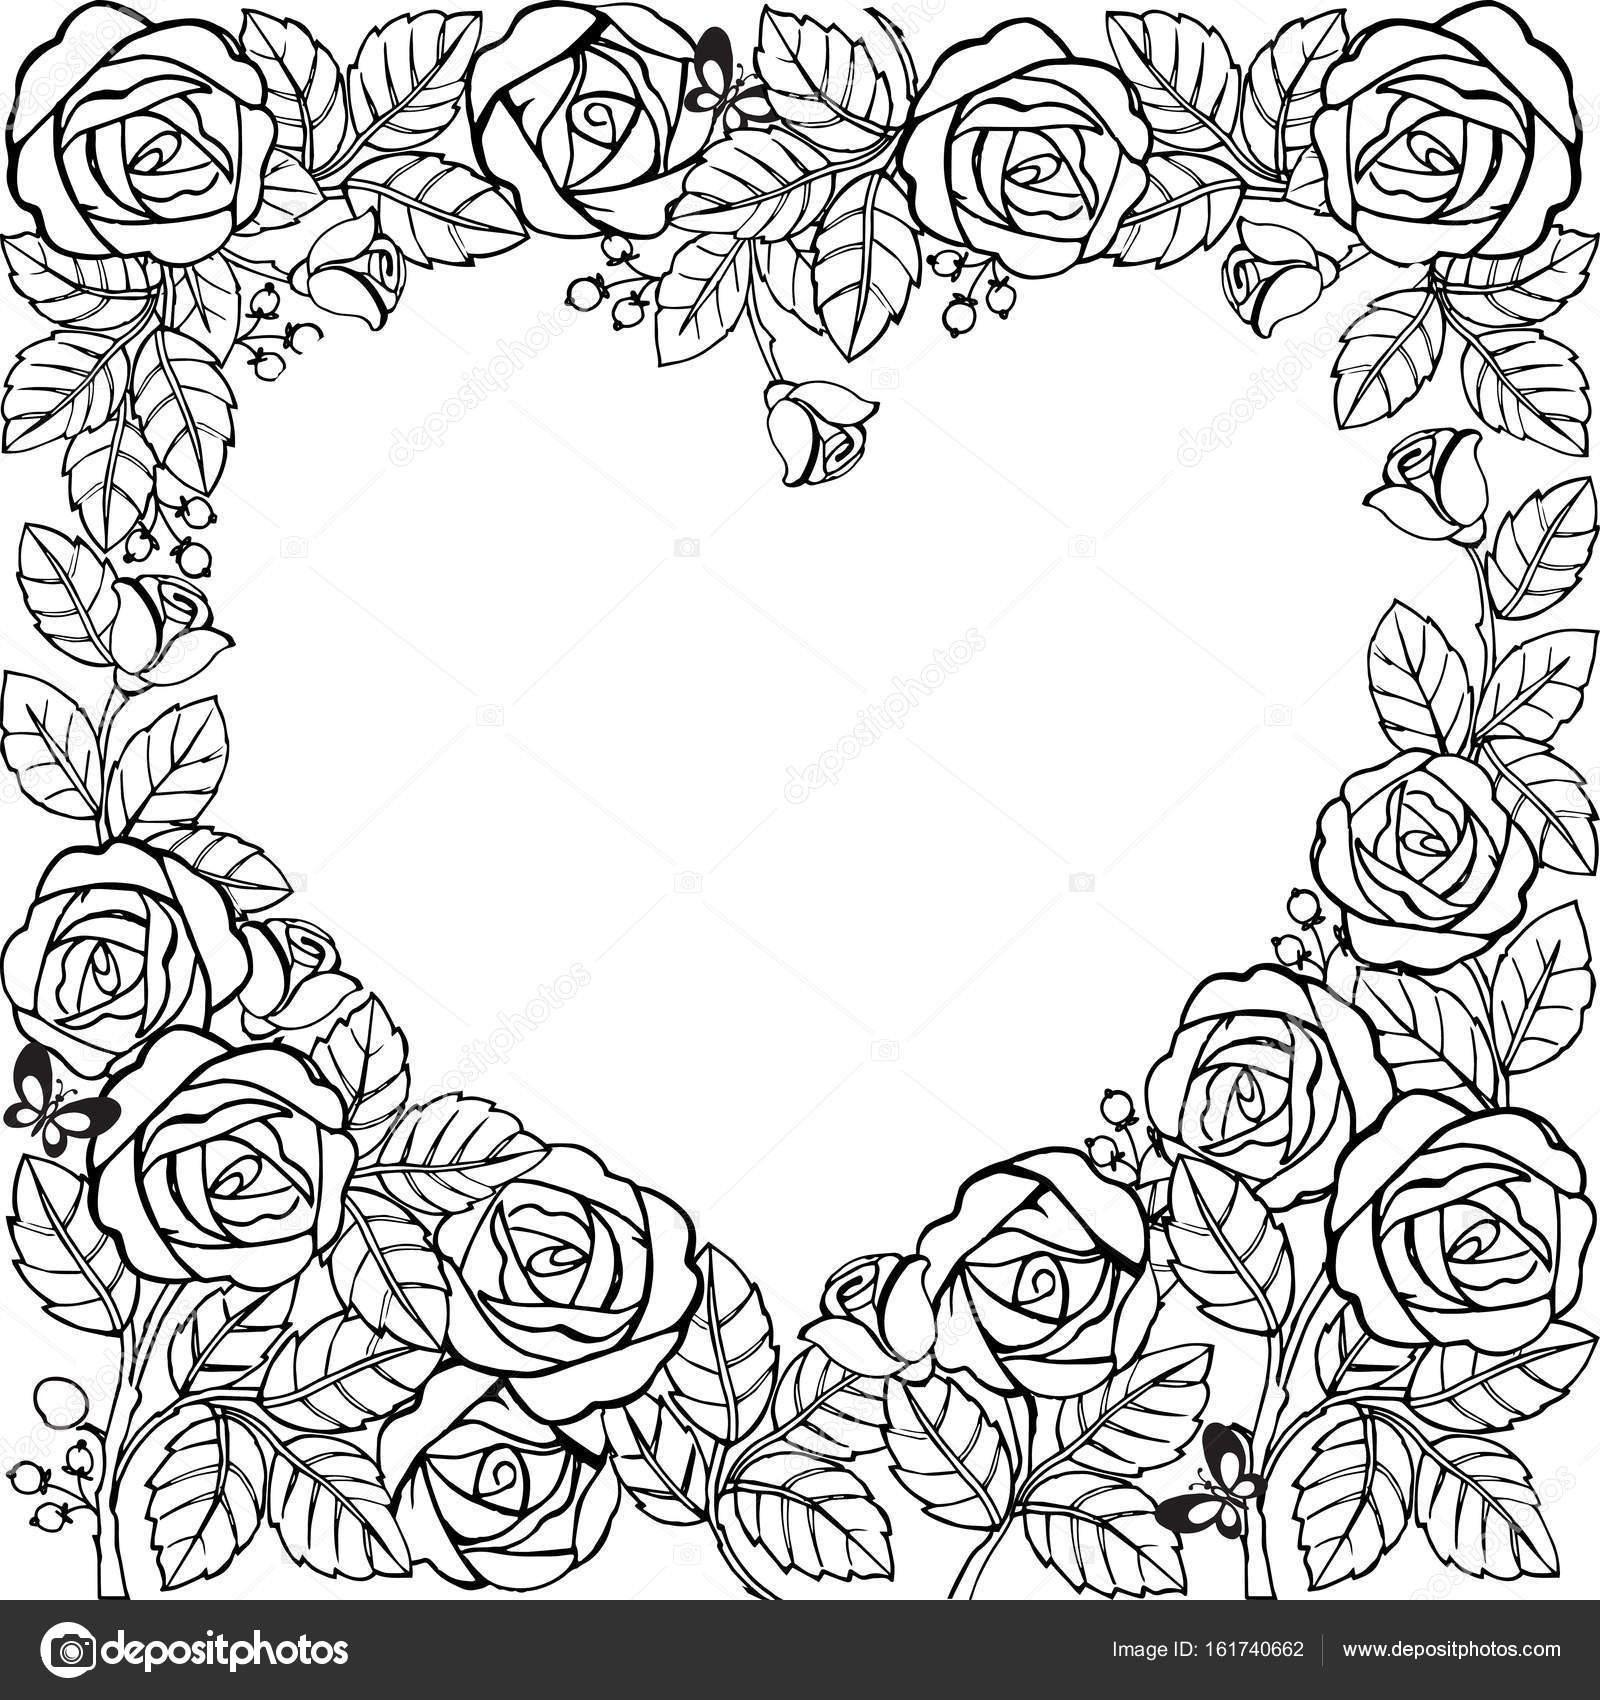 Ausmalbilder Rosen Mit Herz Frisch Ausmalbilder Rosen Mit Herz Best 40 Ausmalbilder Herzen Und Rosen Das Bild